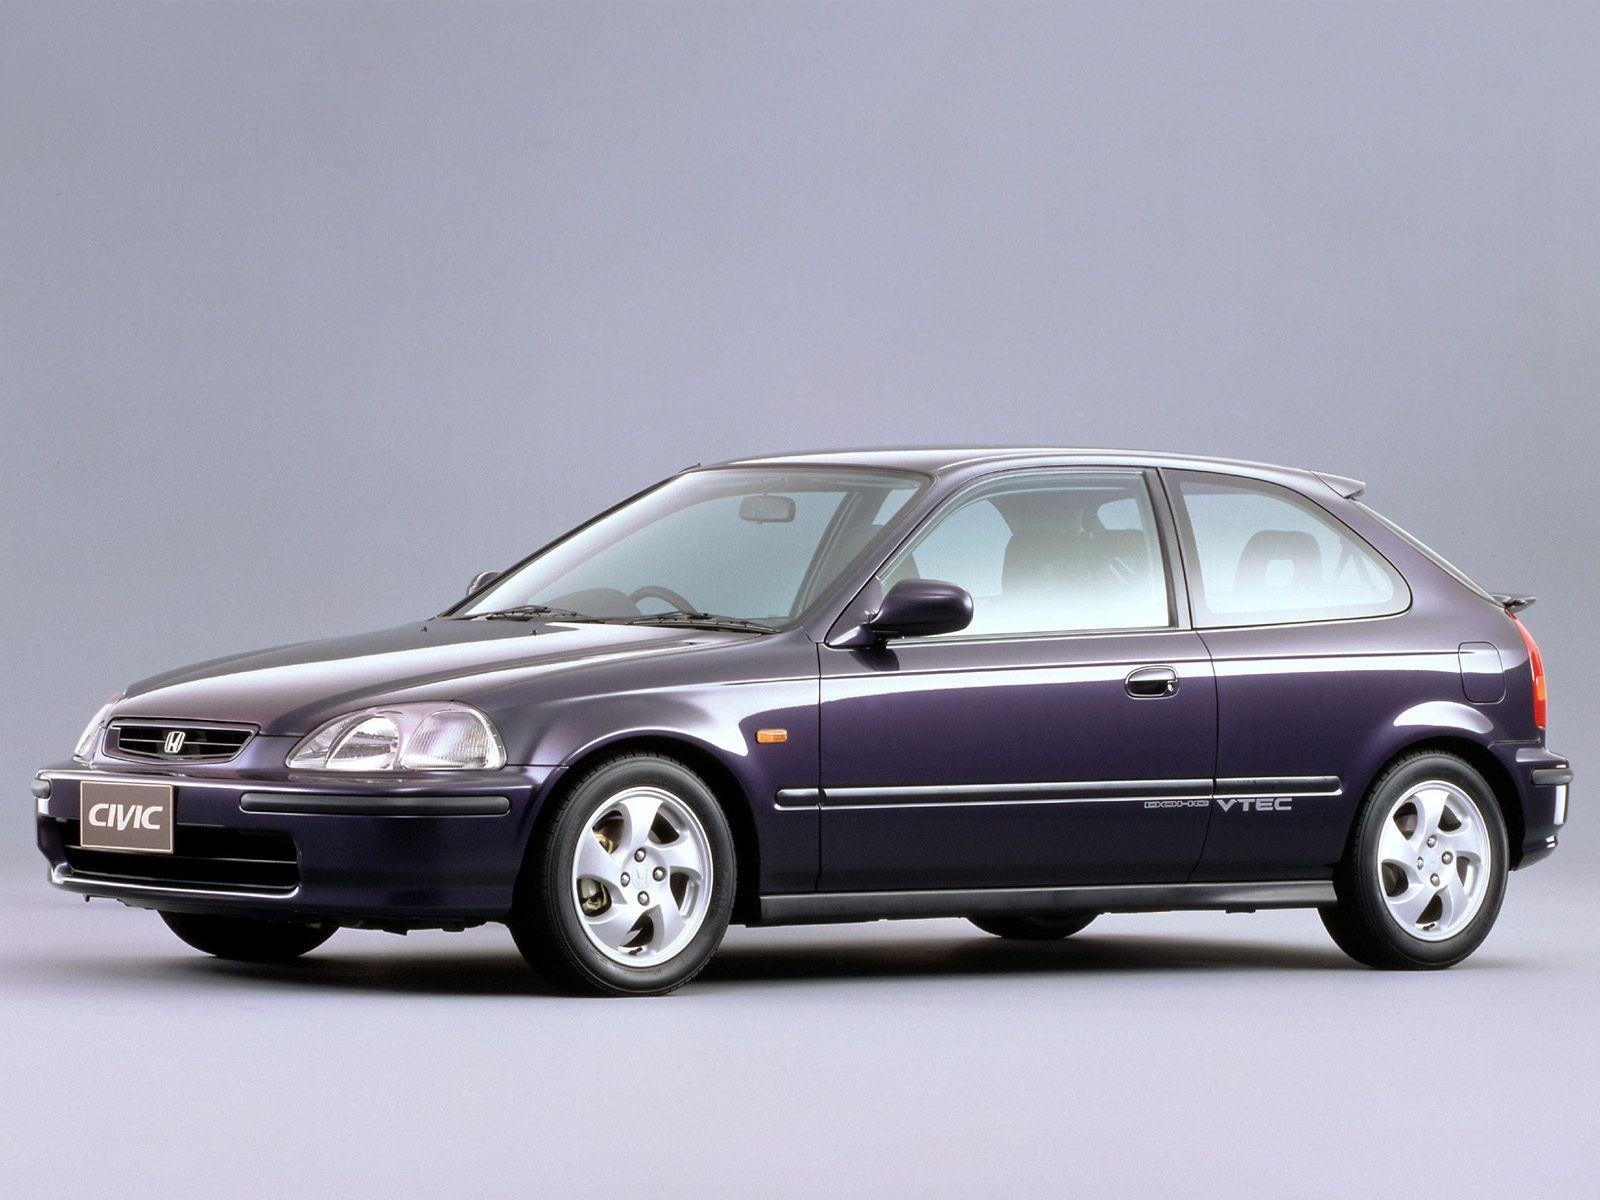 1997 Honda Civic Sir Ii Ek H B Honda Civic Honda Motors Honda